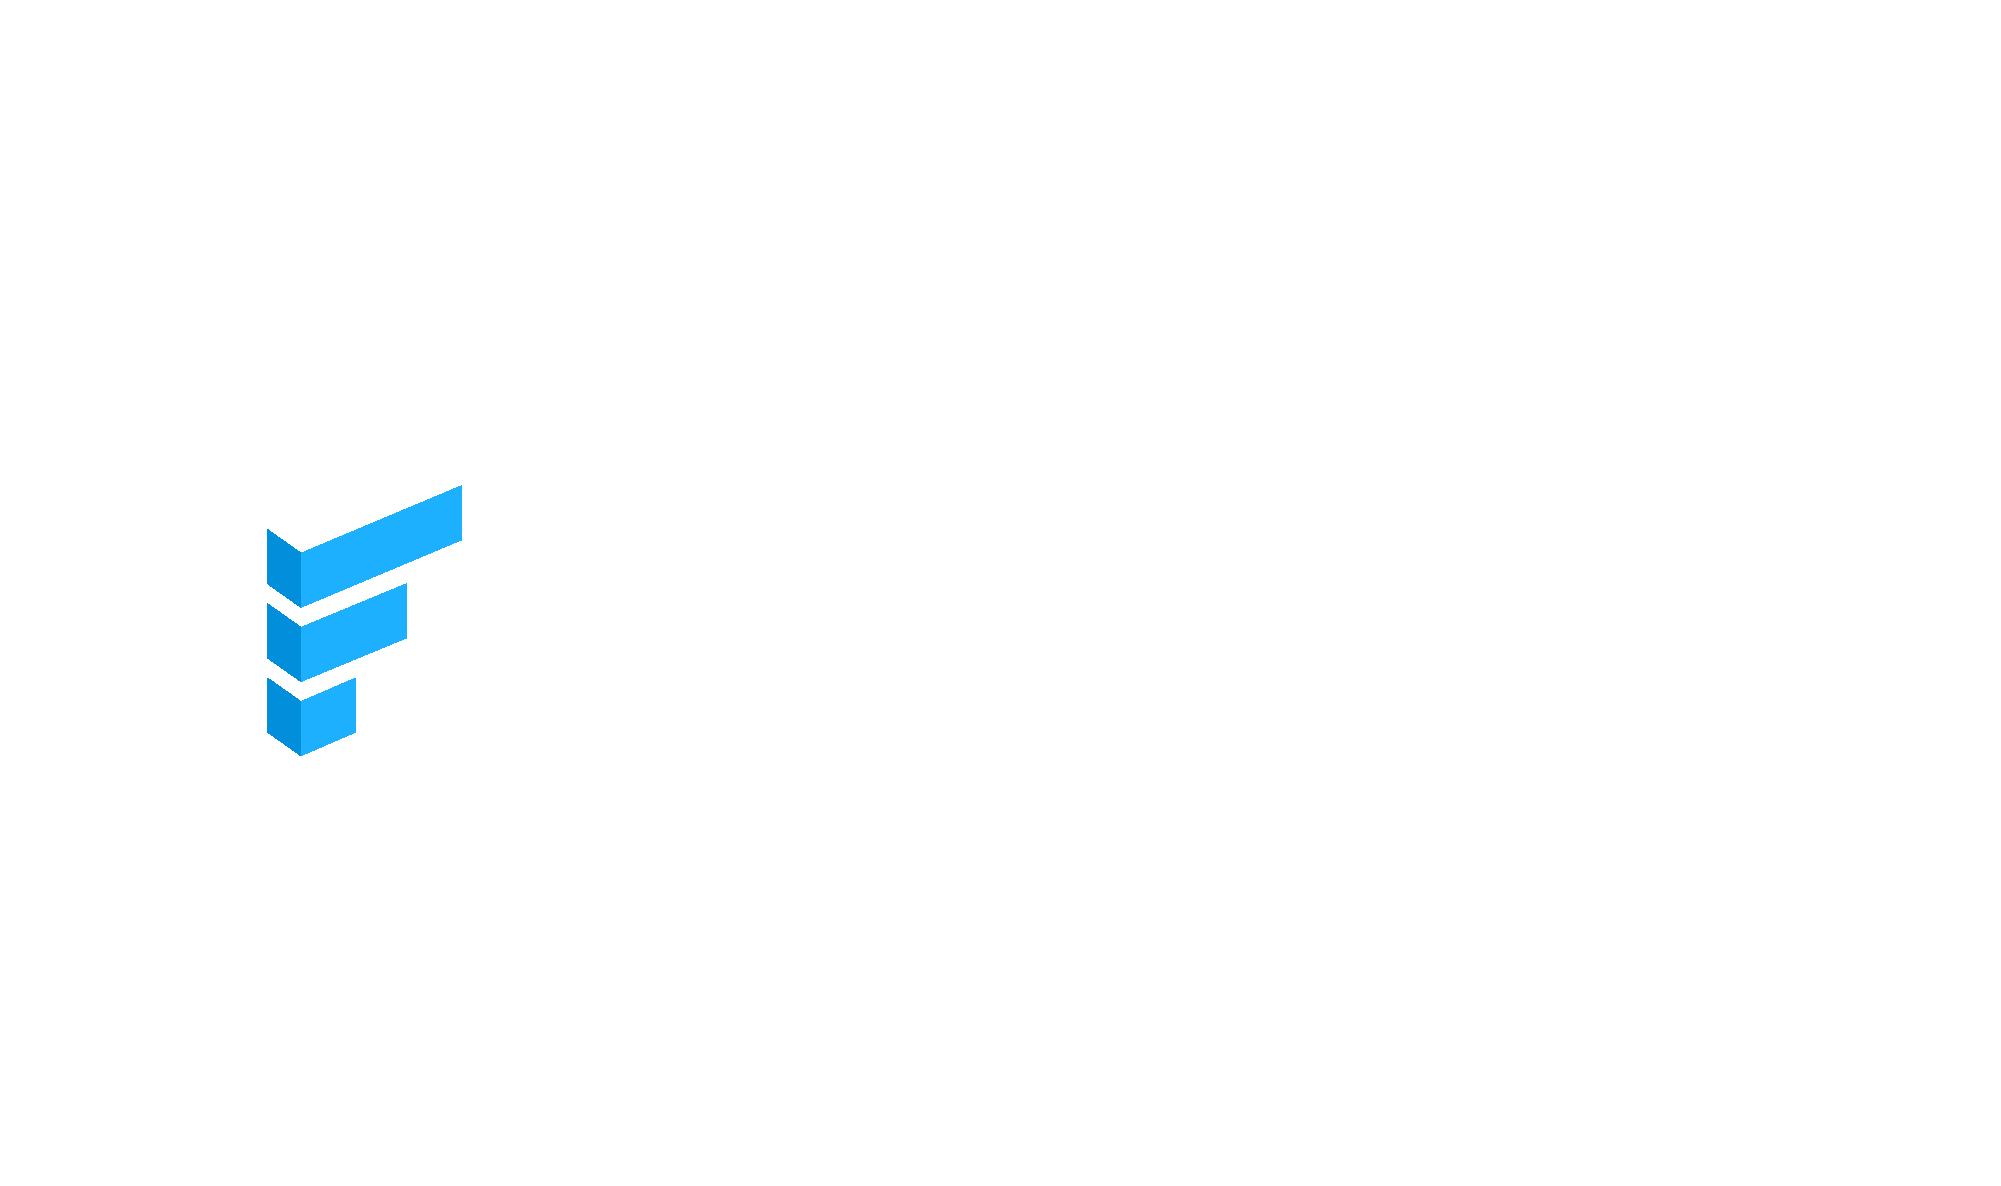 fairmarkit logo